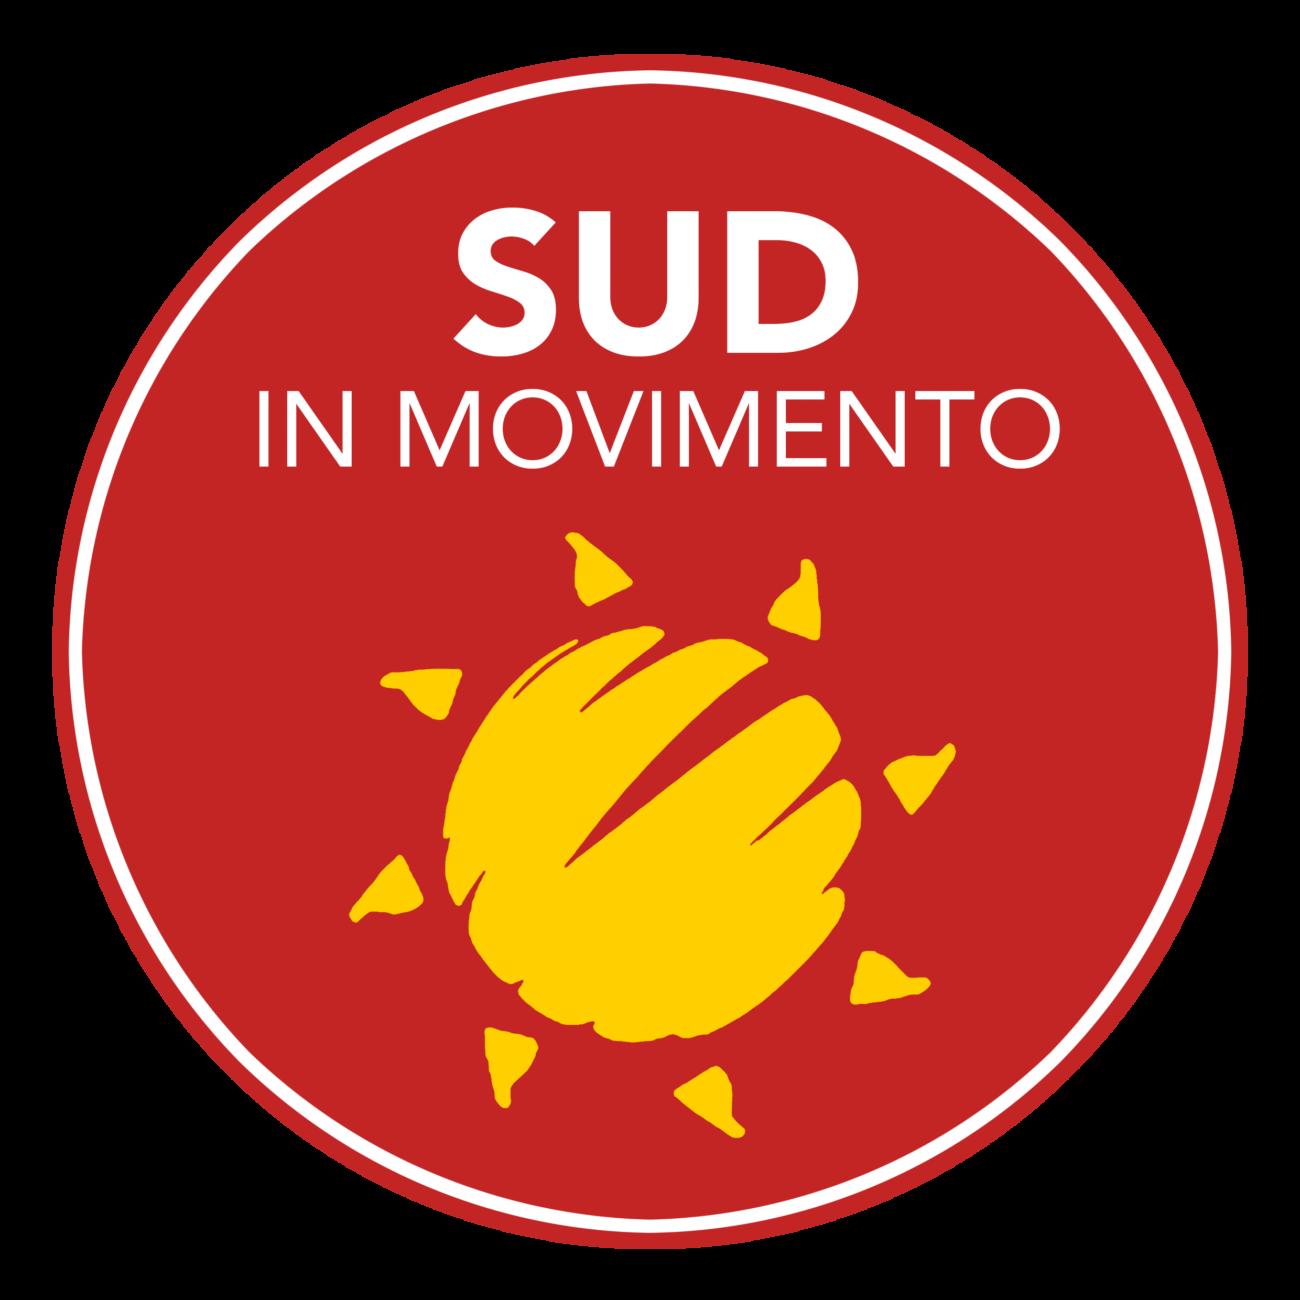 Associazione Politico Culturale Sud in Movimento